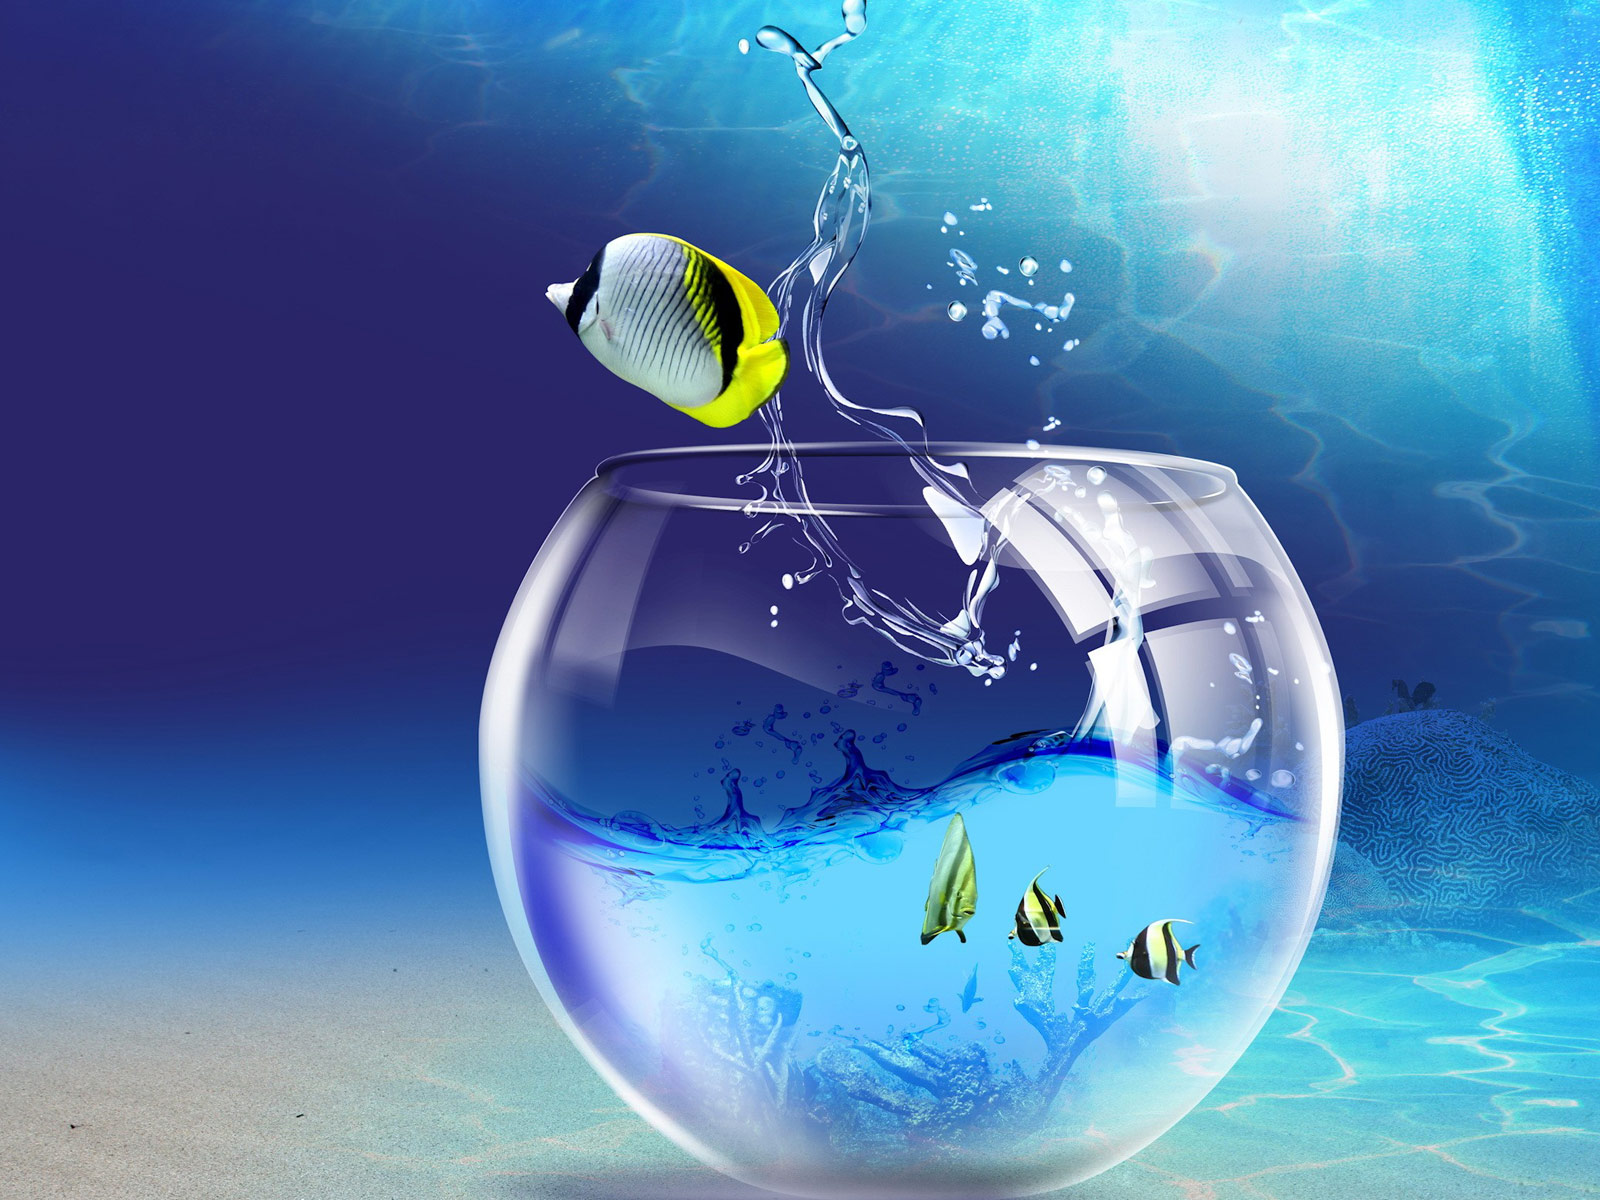 http://3.bp.blogspot.com/-Zt0h9pS9iNU/UEW7MXcmUAI/AAAAAAAAAiM/x2tCb4vkxjo/s1600/3D+Fish+Wallpaper.jpg